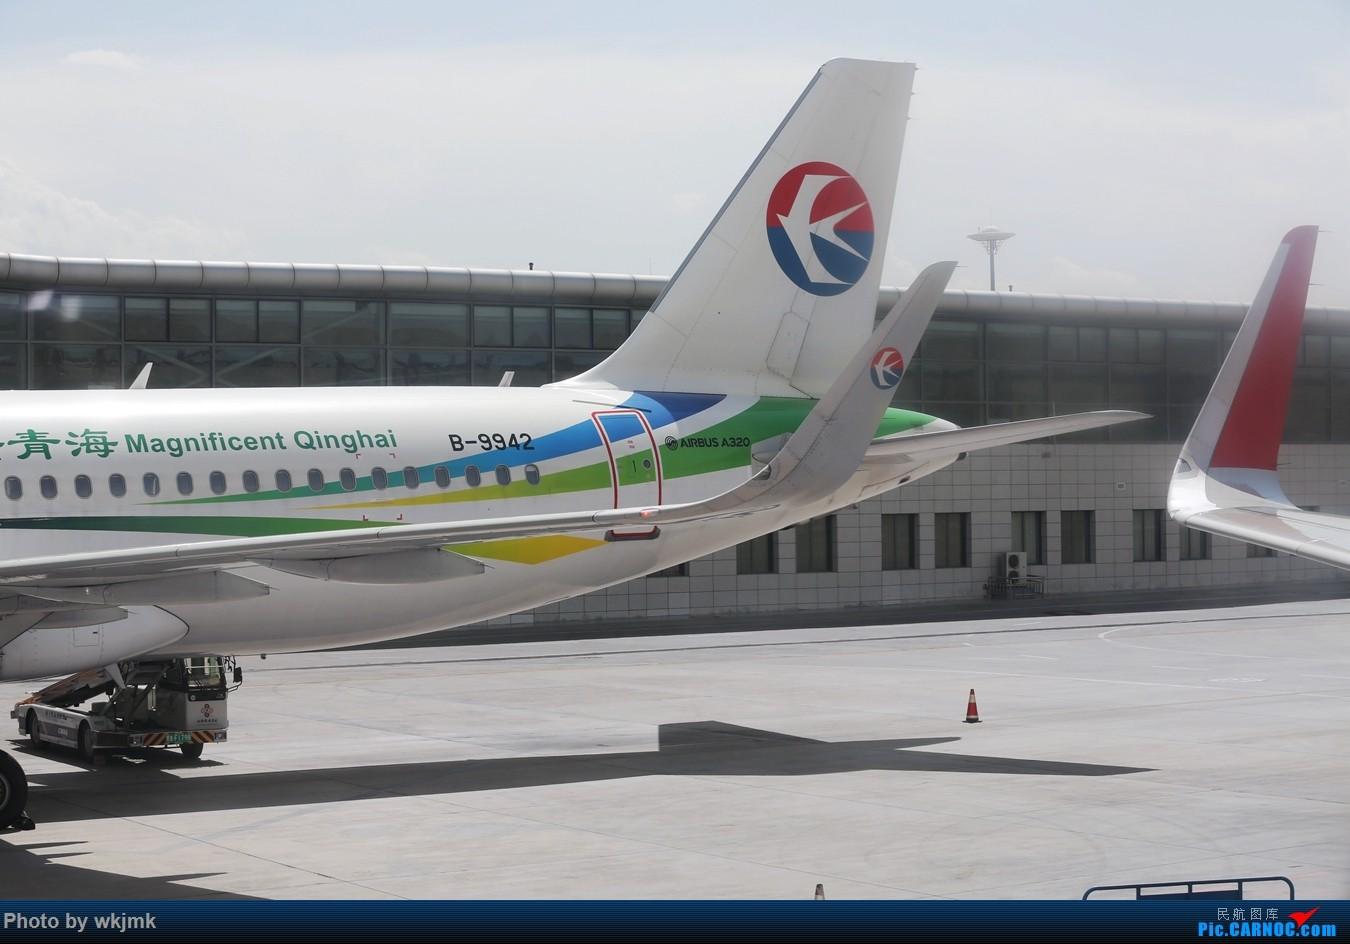 Re:[原创]西宁,成都,重庆三地拍机 AIRBUS A320-200 B-9942 中国西宁曹家堡机场